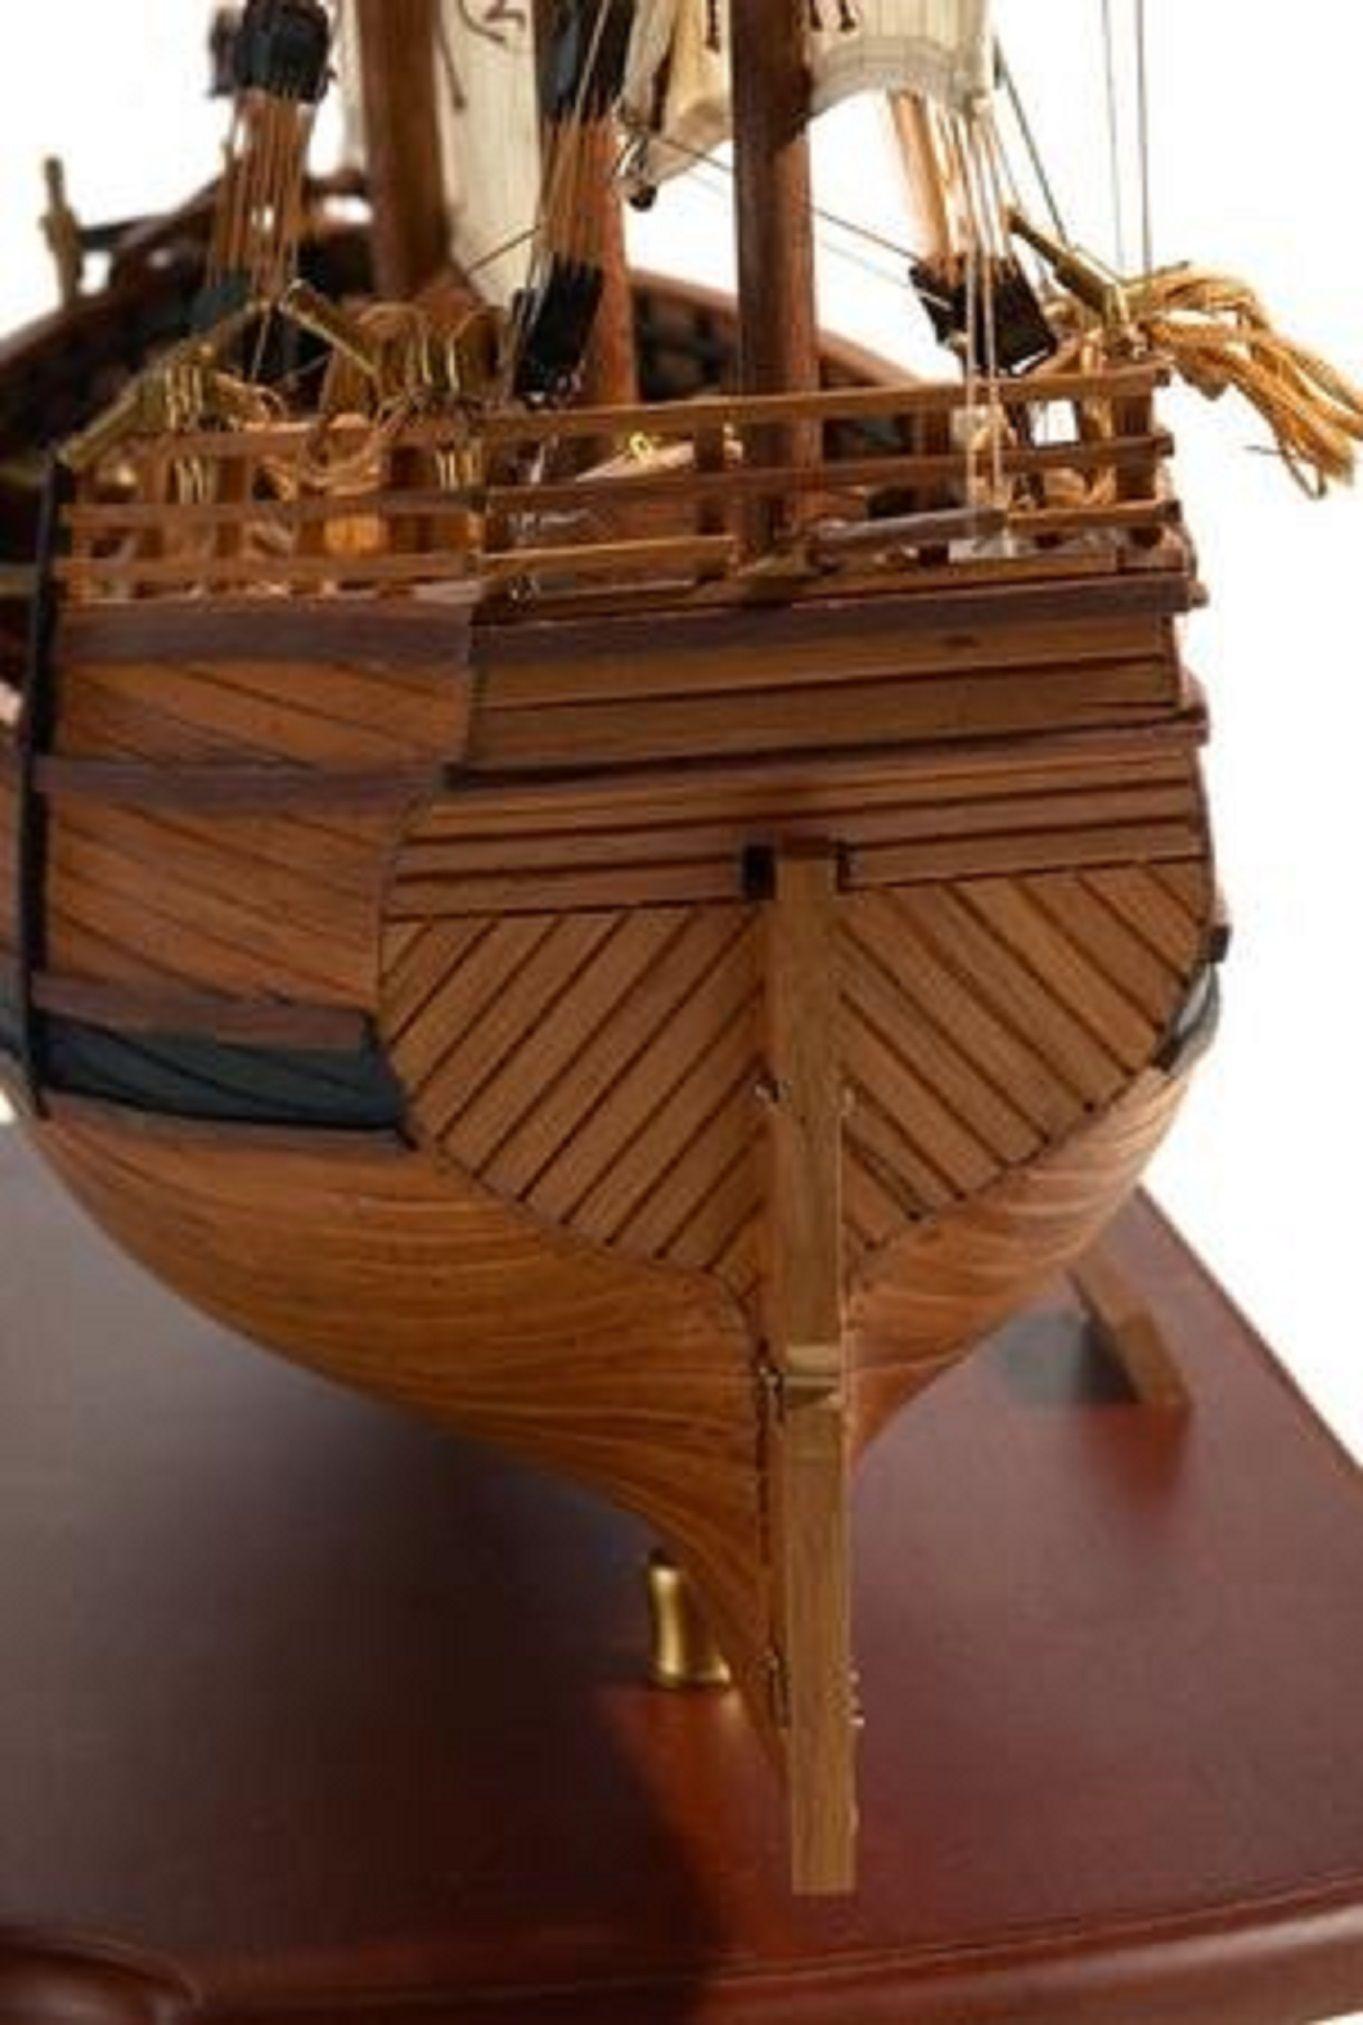 217-7199-Caravel-model-ship-Premier